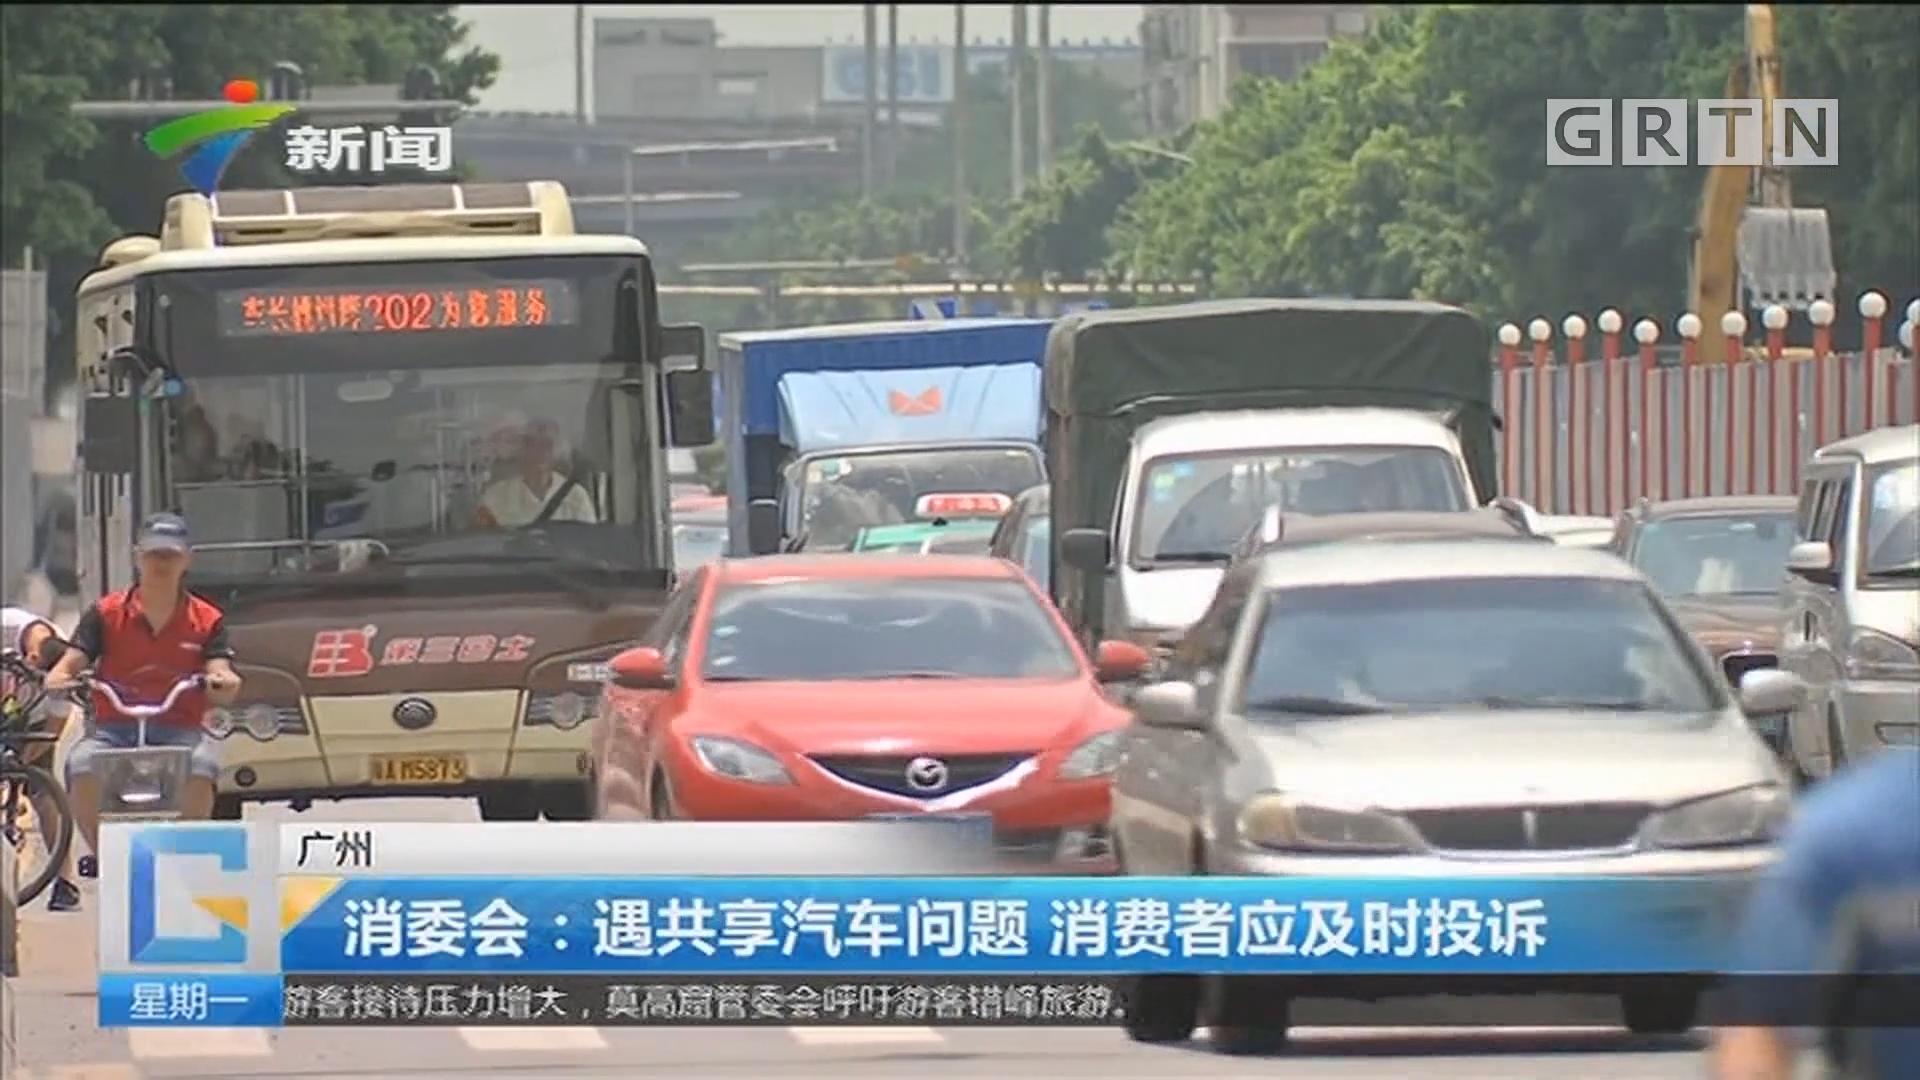 广州 消委会:遇共享汽车问题 消费者应及时投诉